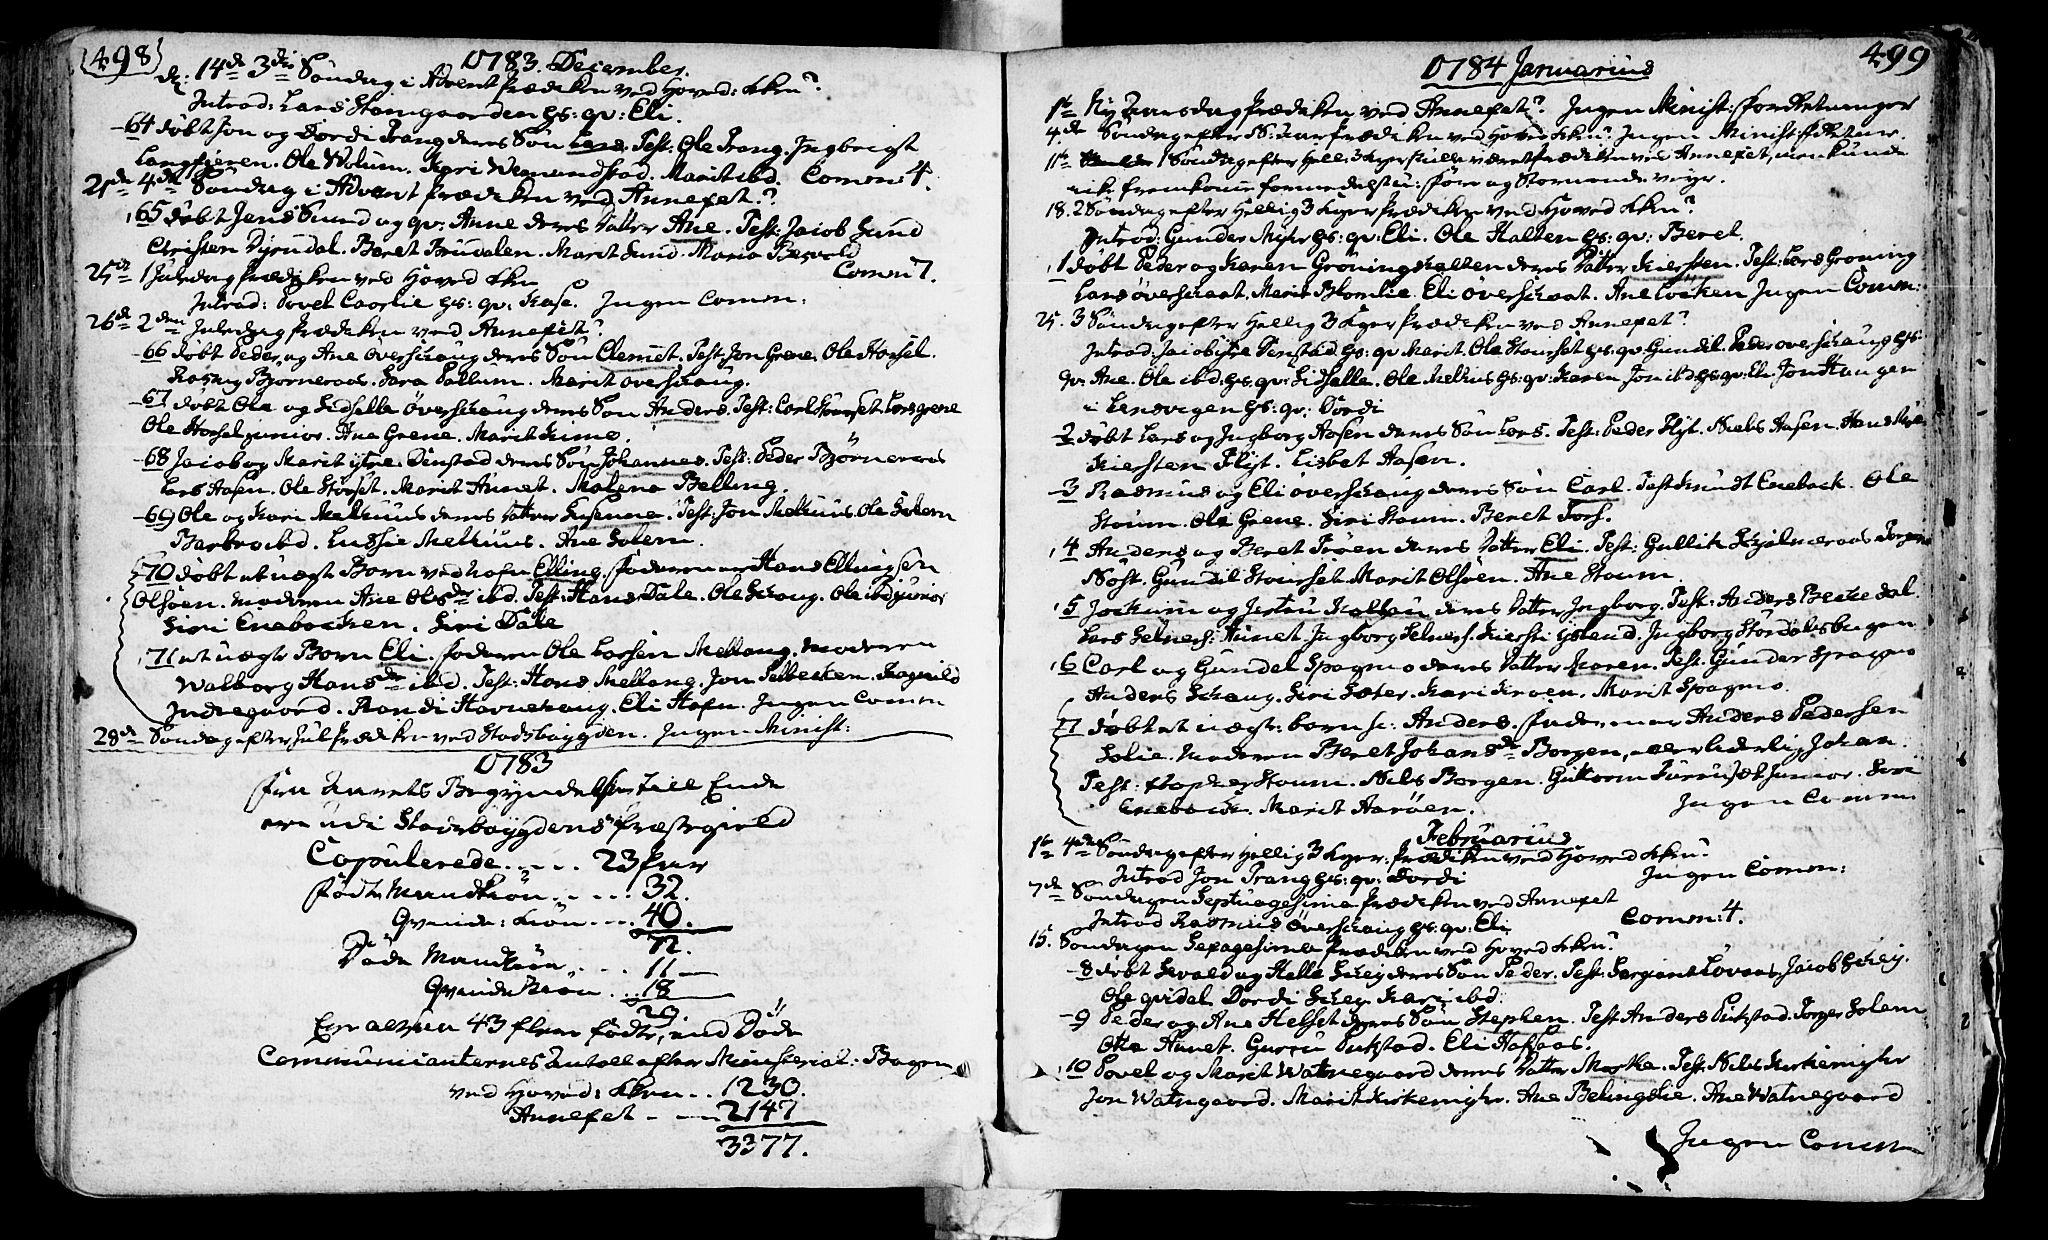 SAT, Ministerialprotokoller, klokkerbøker og fødselsregistre - Sør-Trøndelag, 646/L0605: Ministerialbok nr. 646A03, 1751-1790, s. 498-499